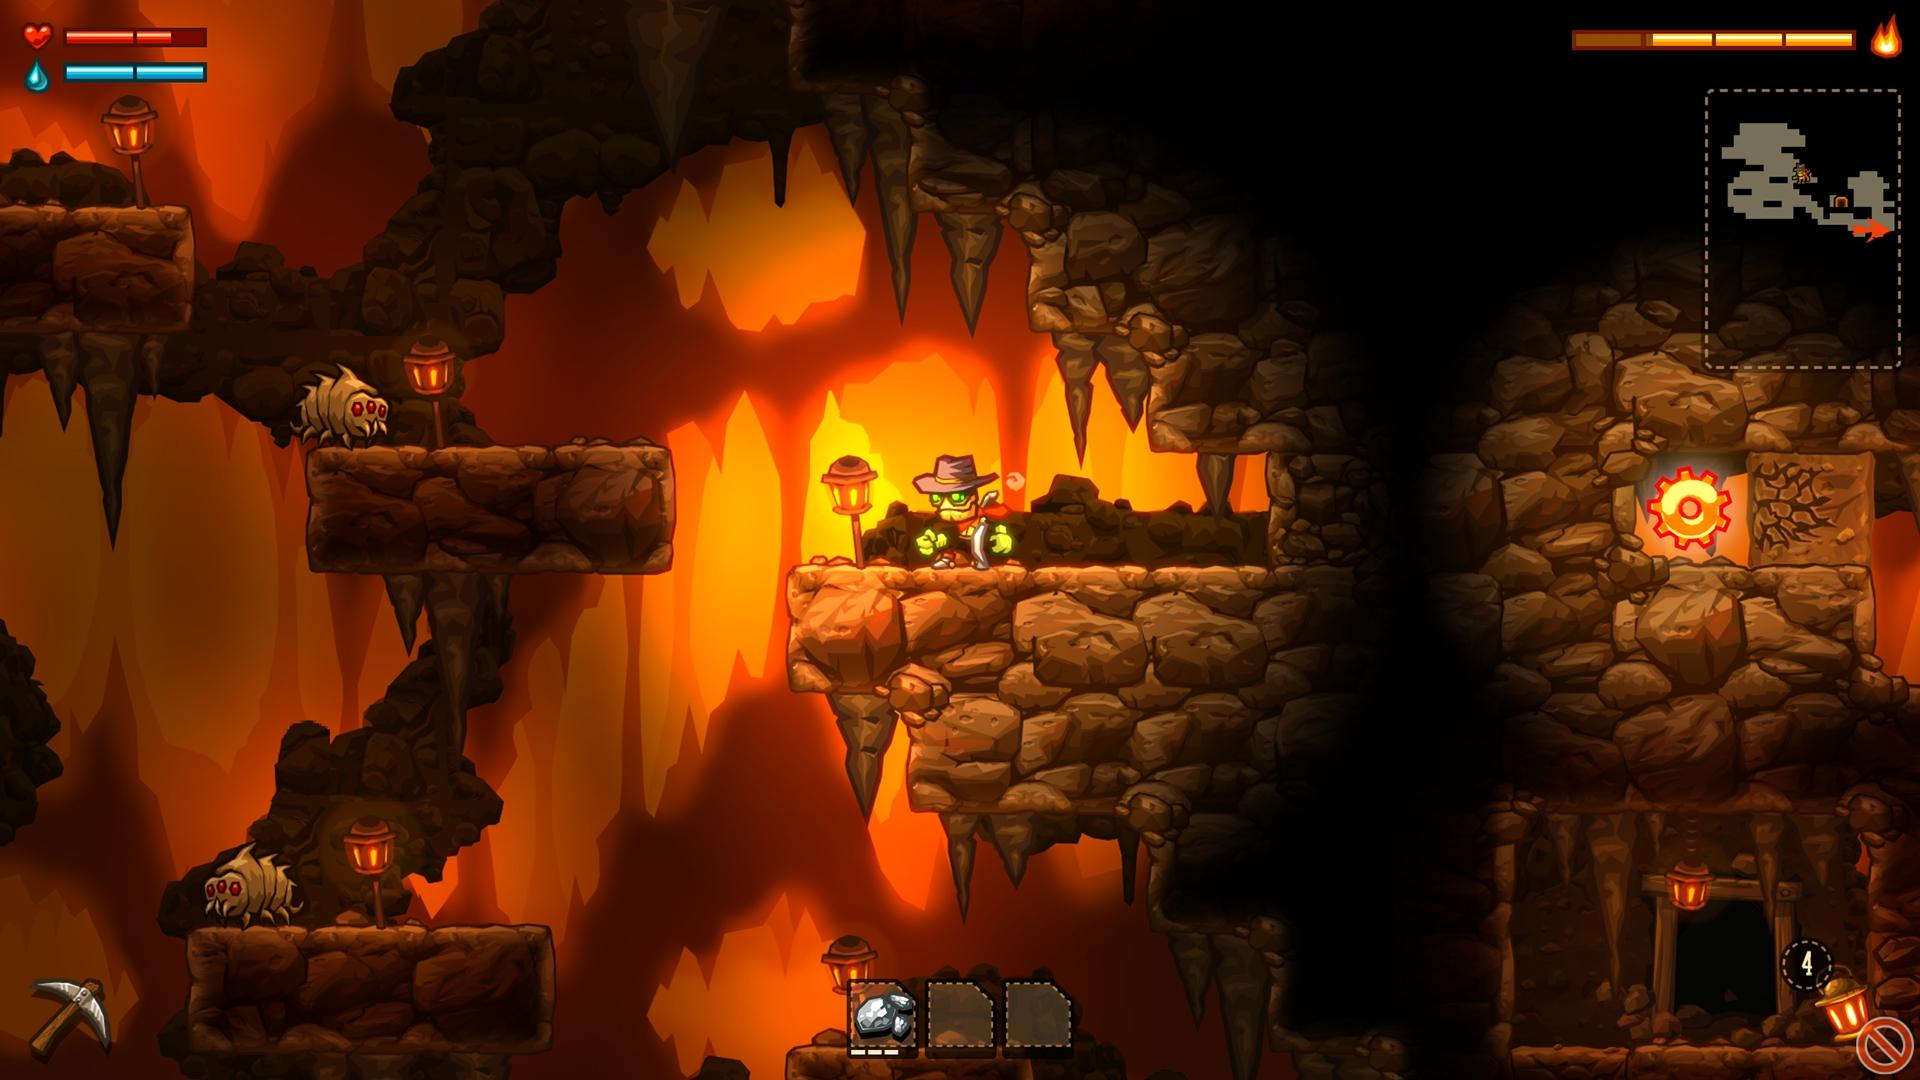 SteamWorld Dig Review (3DS eShop) 12508351344_7e5572b9f8_o